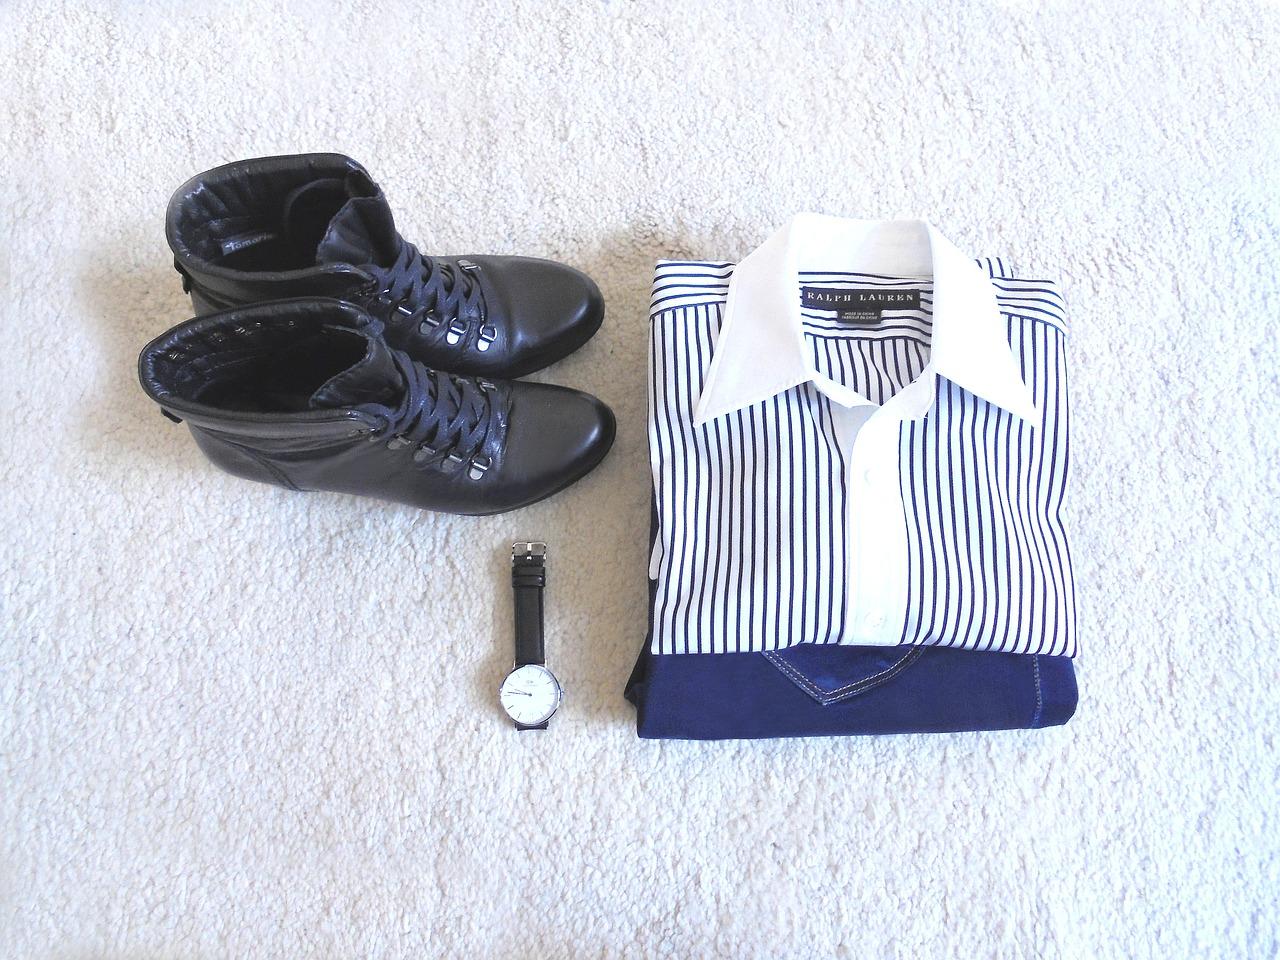 Ralph Lauren kleding